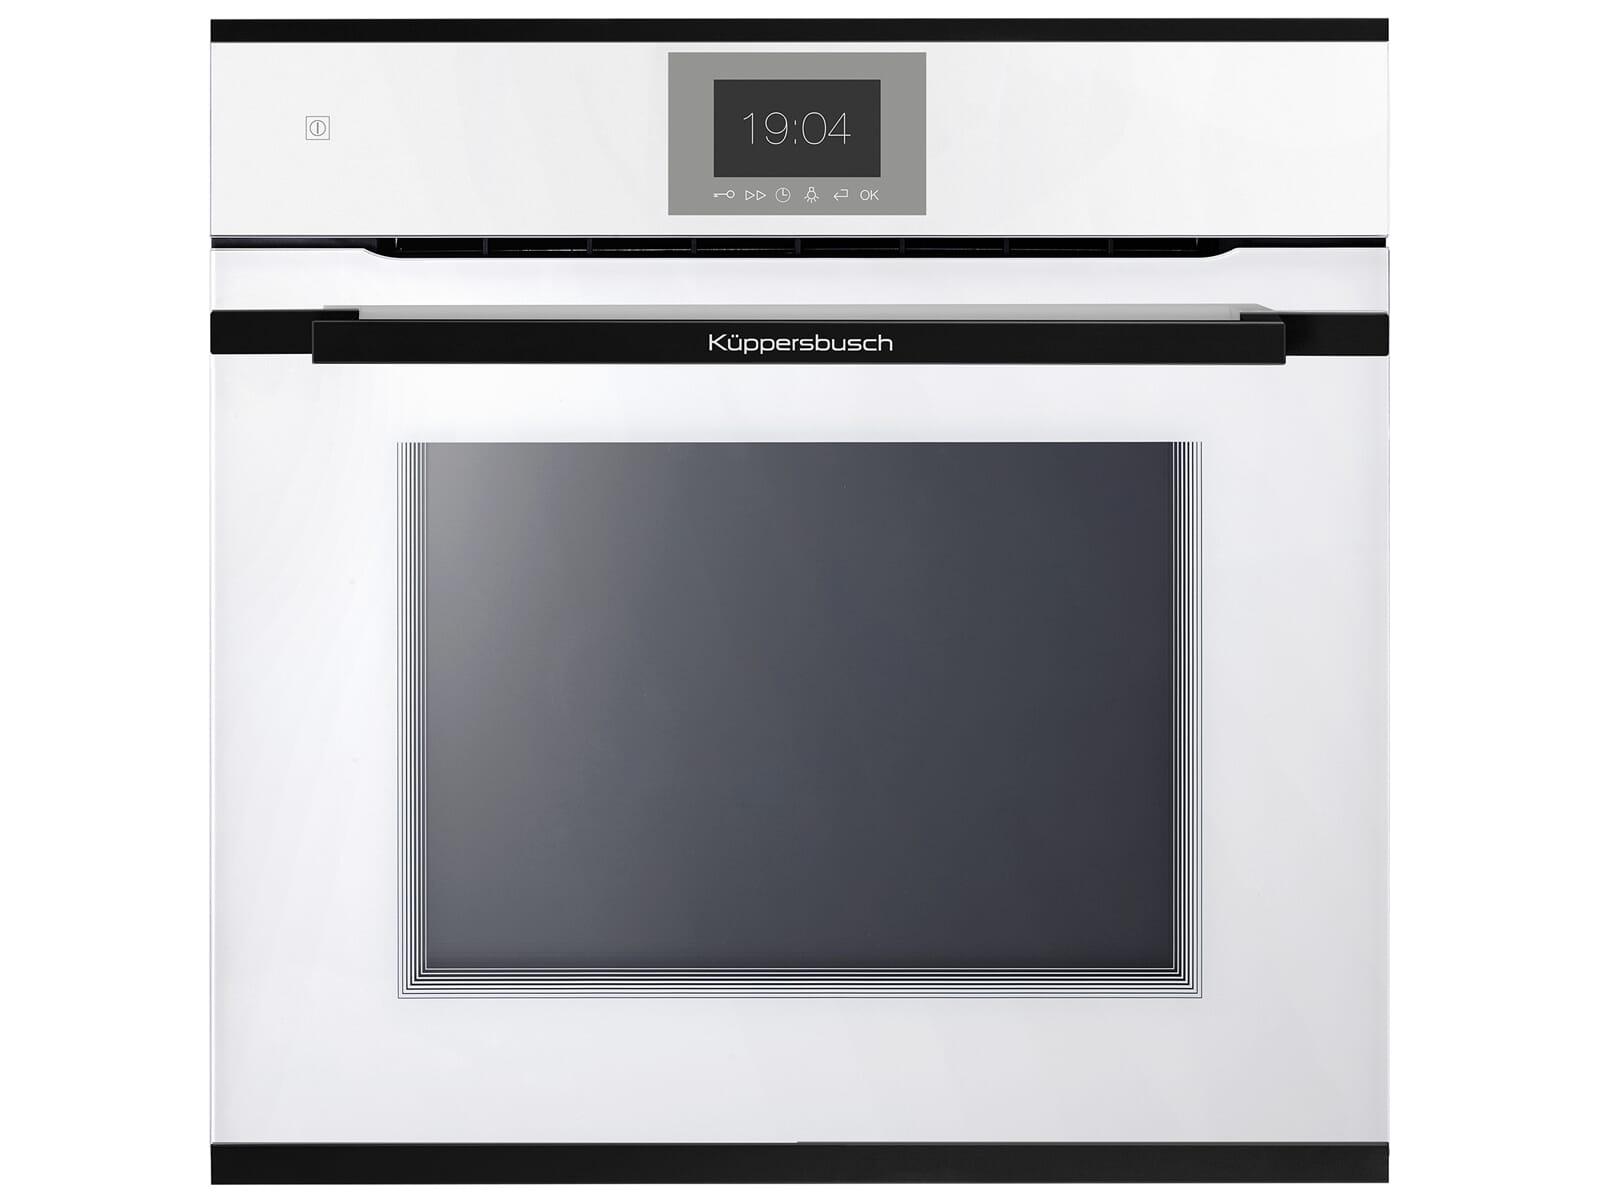 Küppersbusch BP 6550.0 W5 Premium+ Pyrolyse Backofen Weiß/Black Velvet